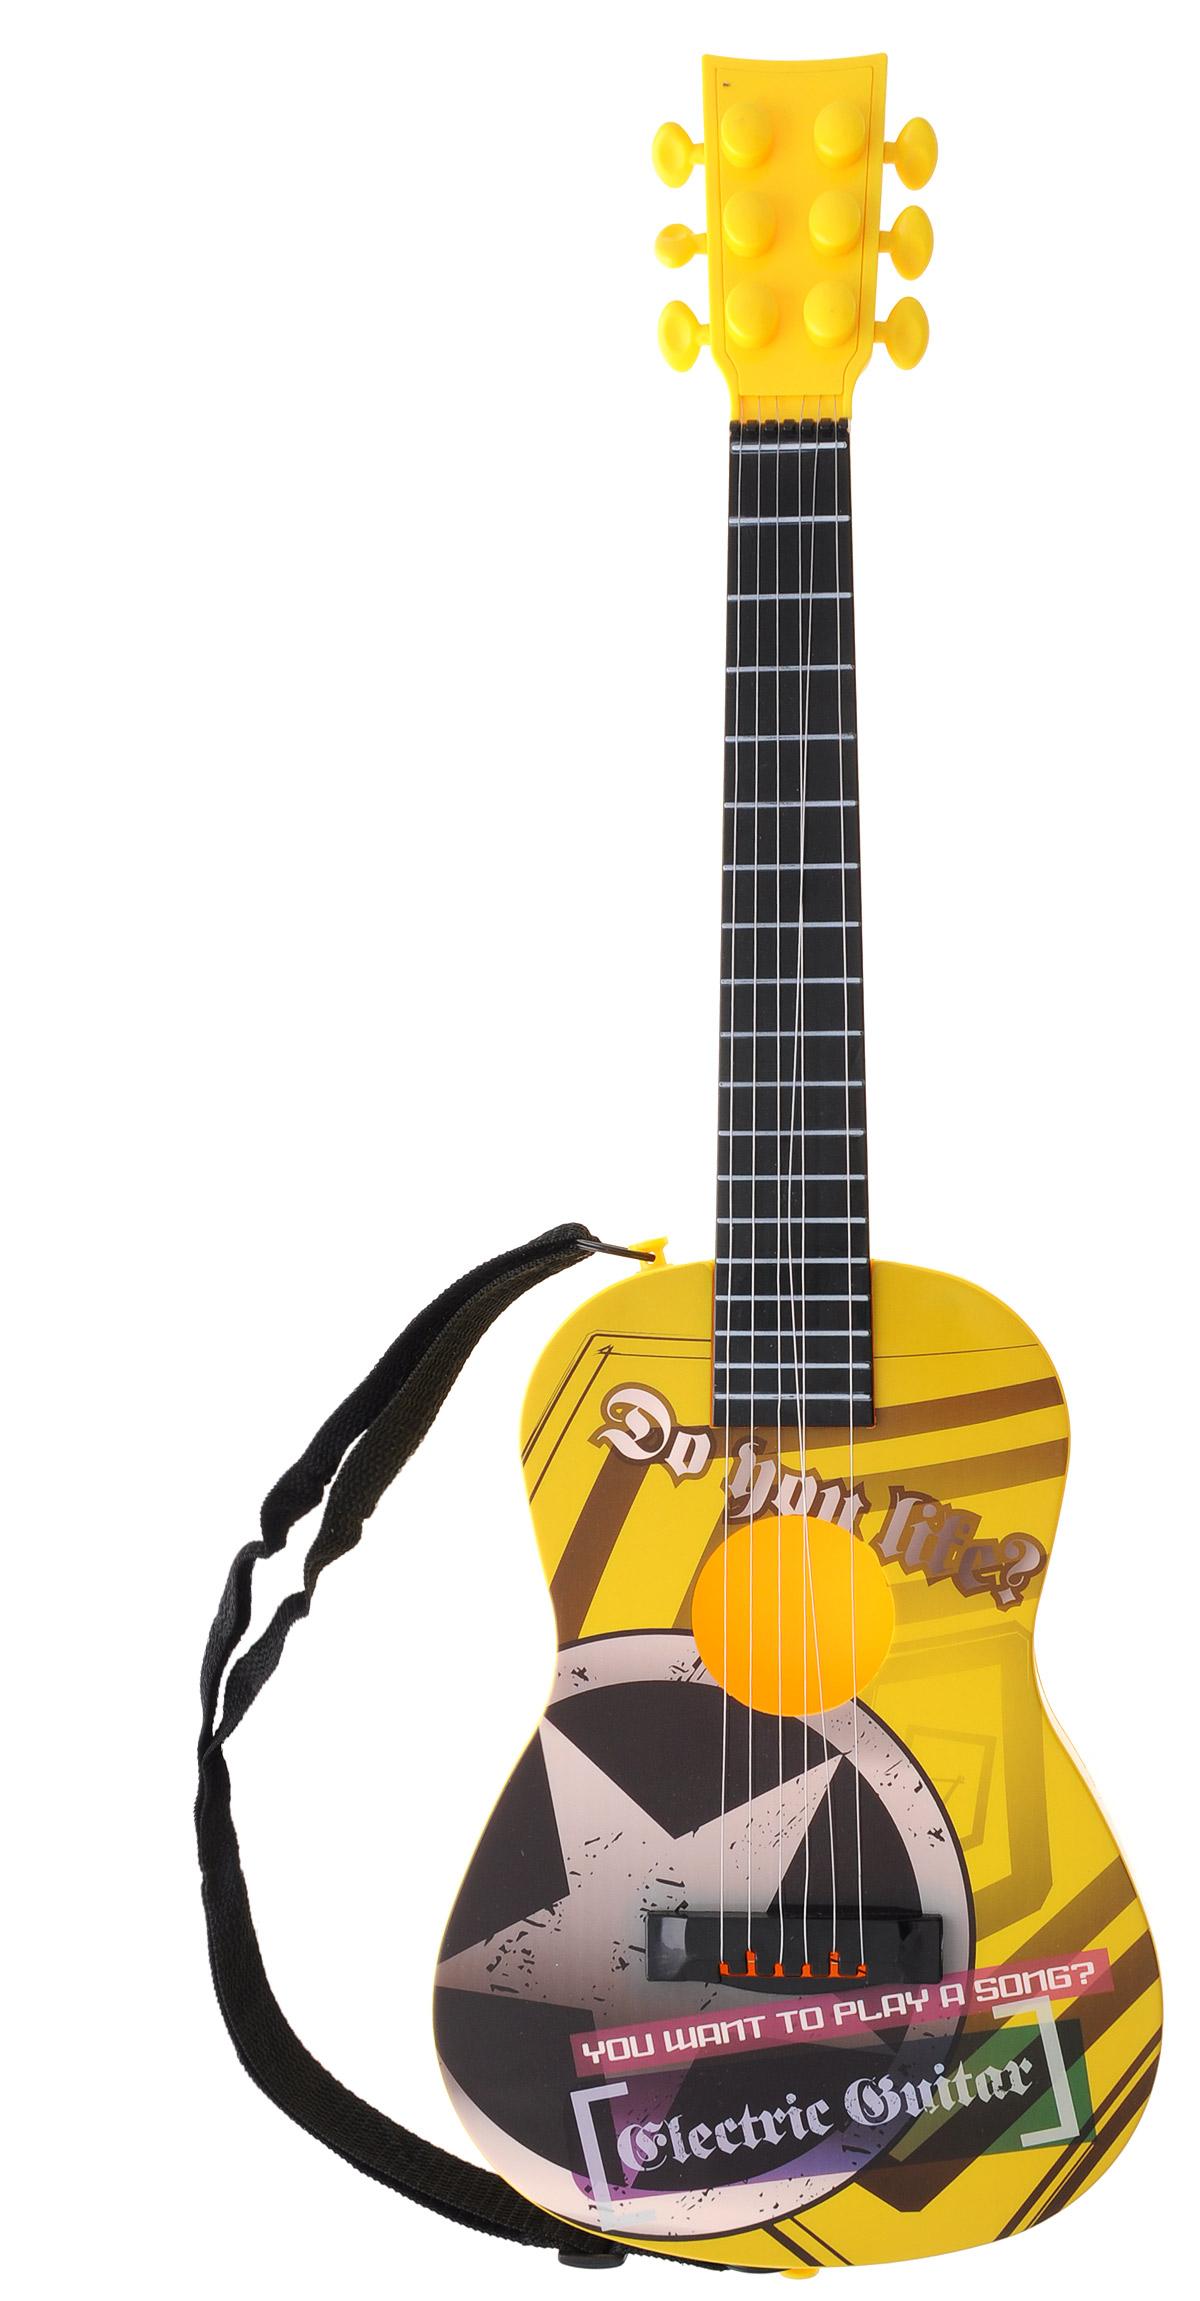 Junfa Toys Музыкальный инструмент Гитара цвет желтый9058AЯркая шестиструнная гитара Junfa Toys послужит замечательным подарком для вашего ребенка. Гитара выполнена из пластика желтого цвета. Струны гитары, изготовленные из металлической проволоки, можно подтягивать, тем самым регулируя звучание. Благодаря прочной текстильной лямке гитару можно повесить через плечо. Гитара обладает световыми эффектами и издает реалистичные звуки, что, несомненно, понравится ребенку. Уже с раннего детства ваш малыш будет приучаться к музыке. Гитара Junfa Toys поможет ребенку в развитии слуха и творческих способностей. Необходимо купить 3 батарейки напряжением 1,5V типа АА (не входят в комплект).